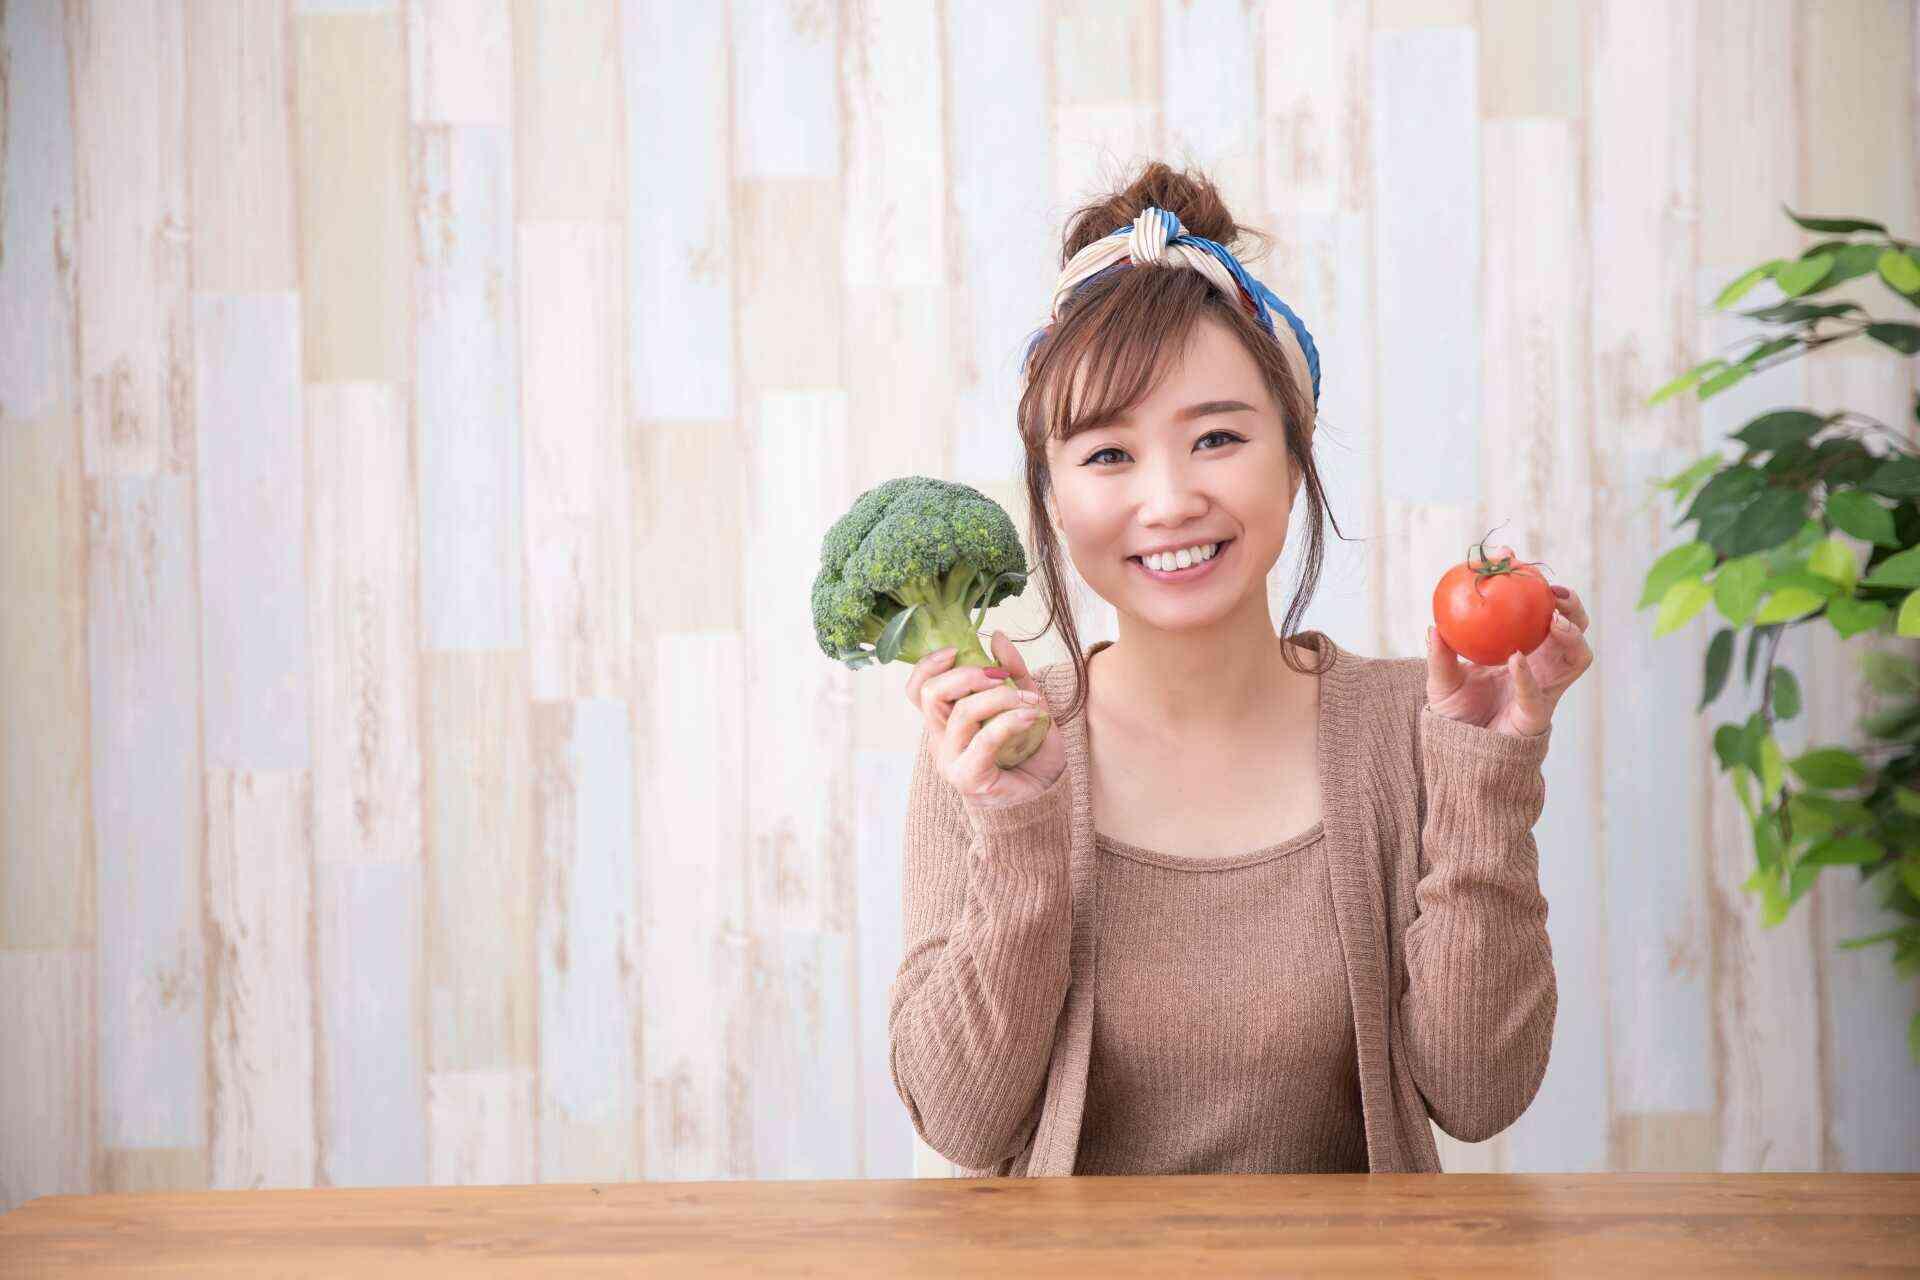 食品業界の現状と今後は?就活生にも人気の高い業界の知りたい情報を解説!